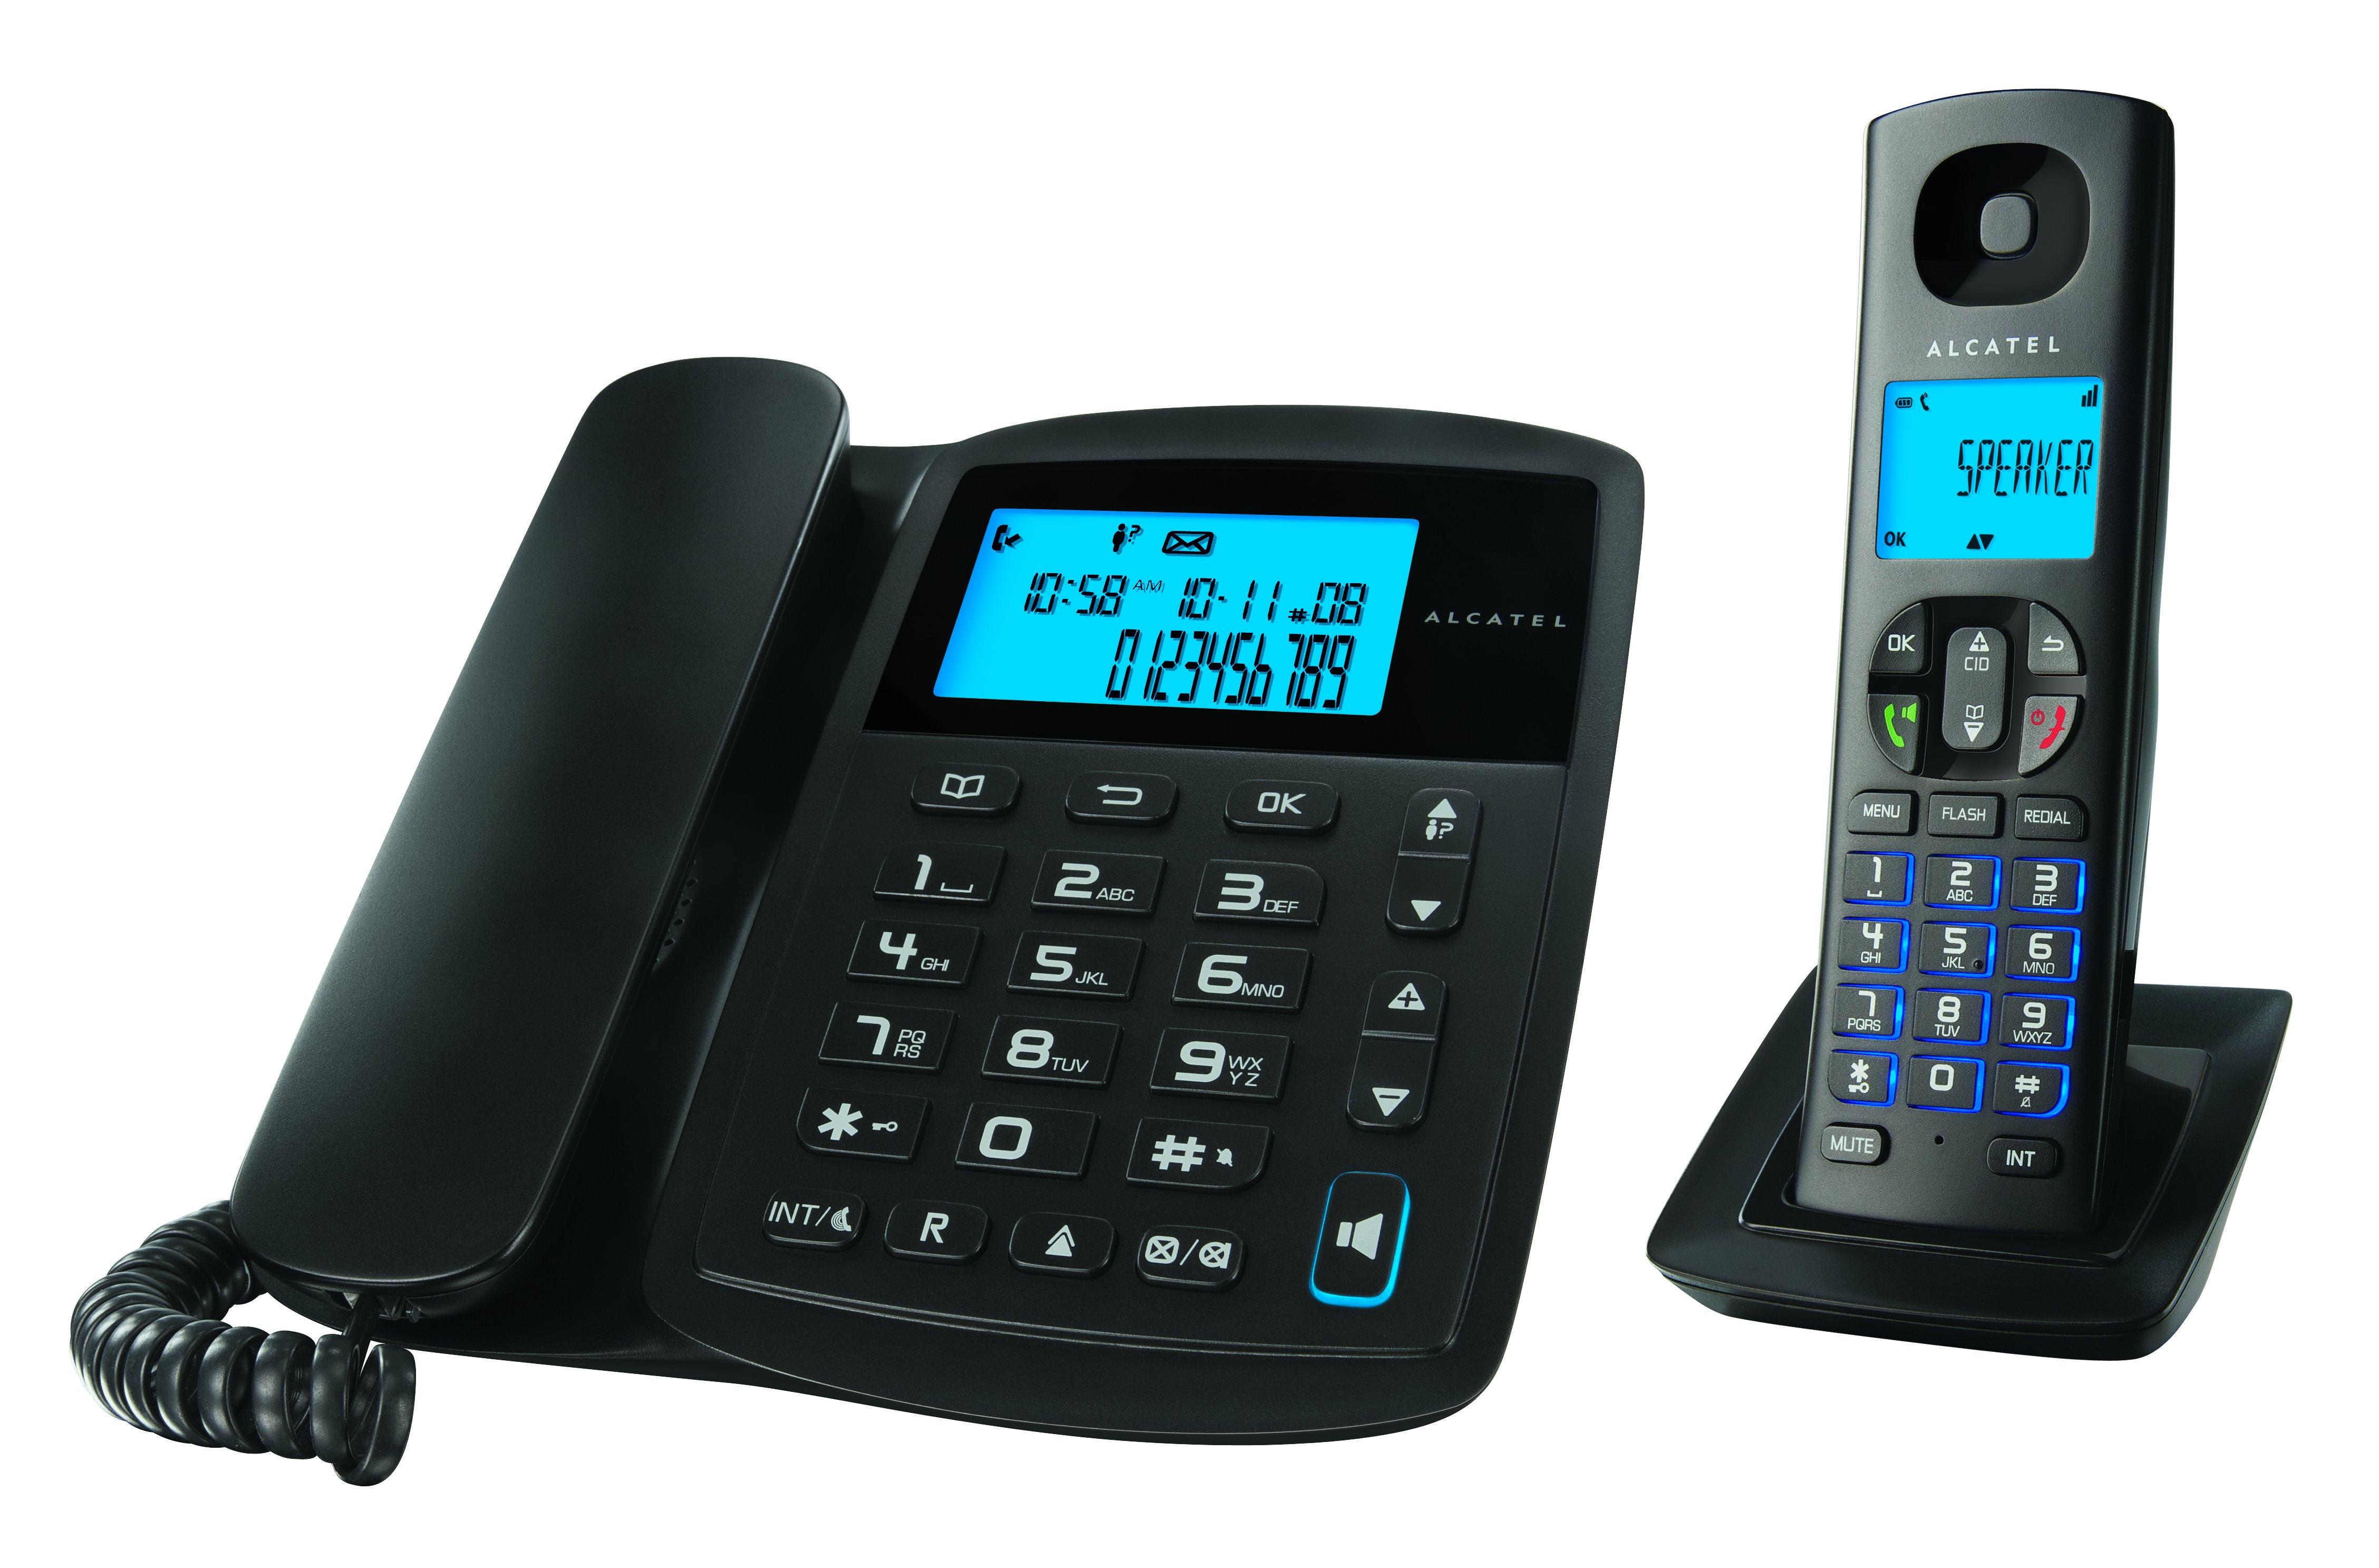 telefonos en promocion